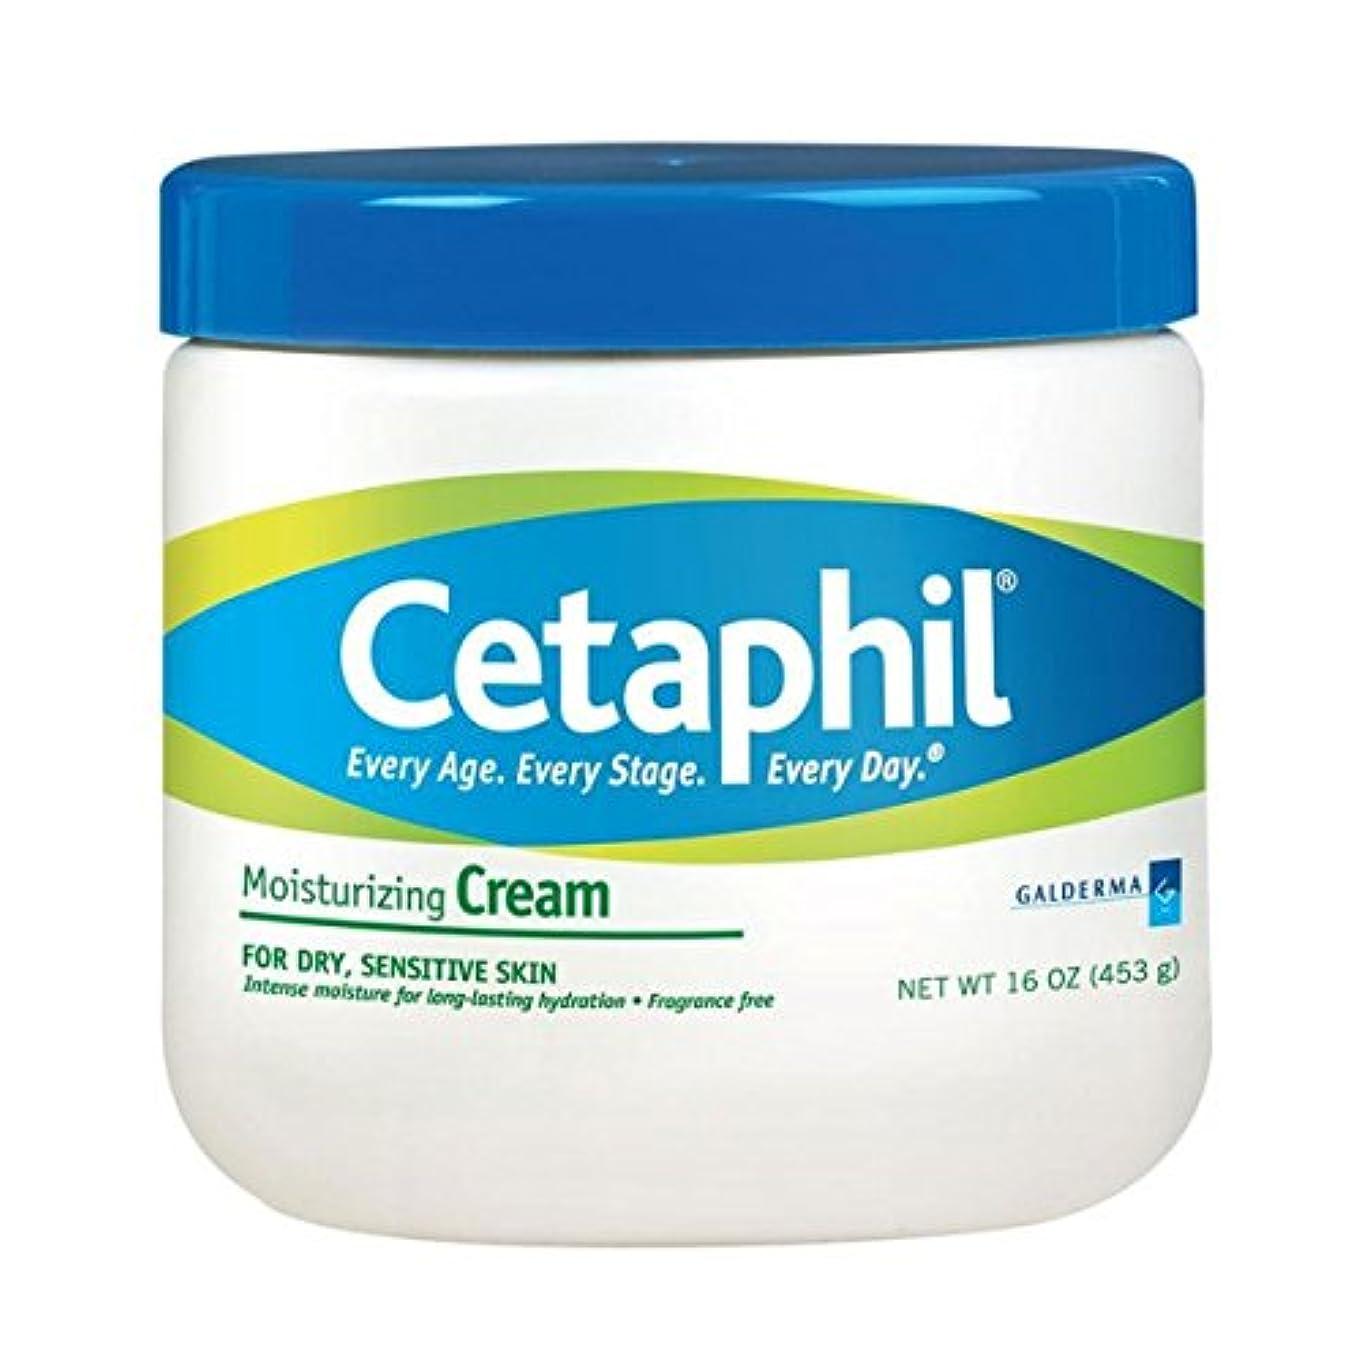 重荷マントル厚いCetaphil Moisturizing Cream 453g [並行輸入品]